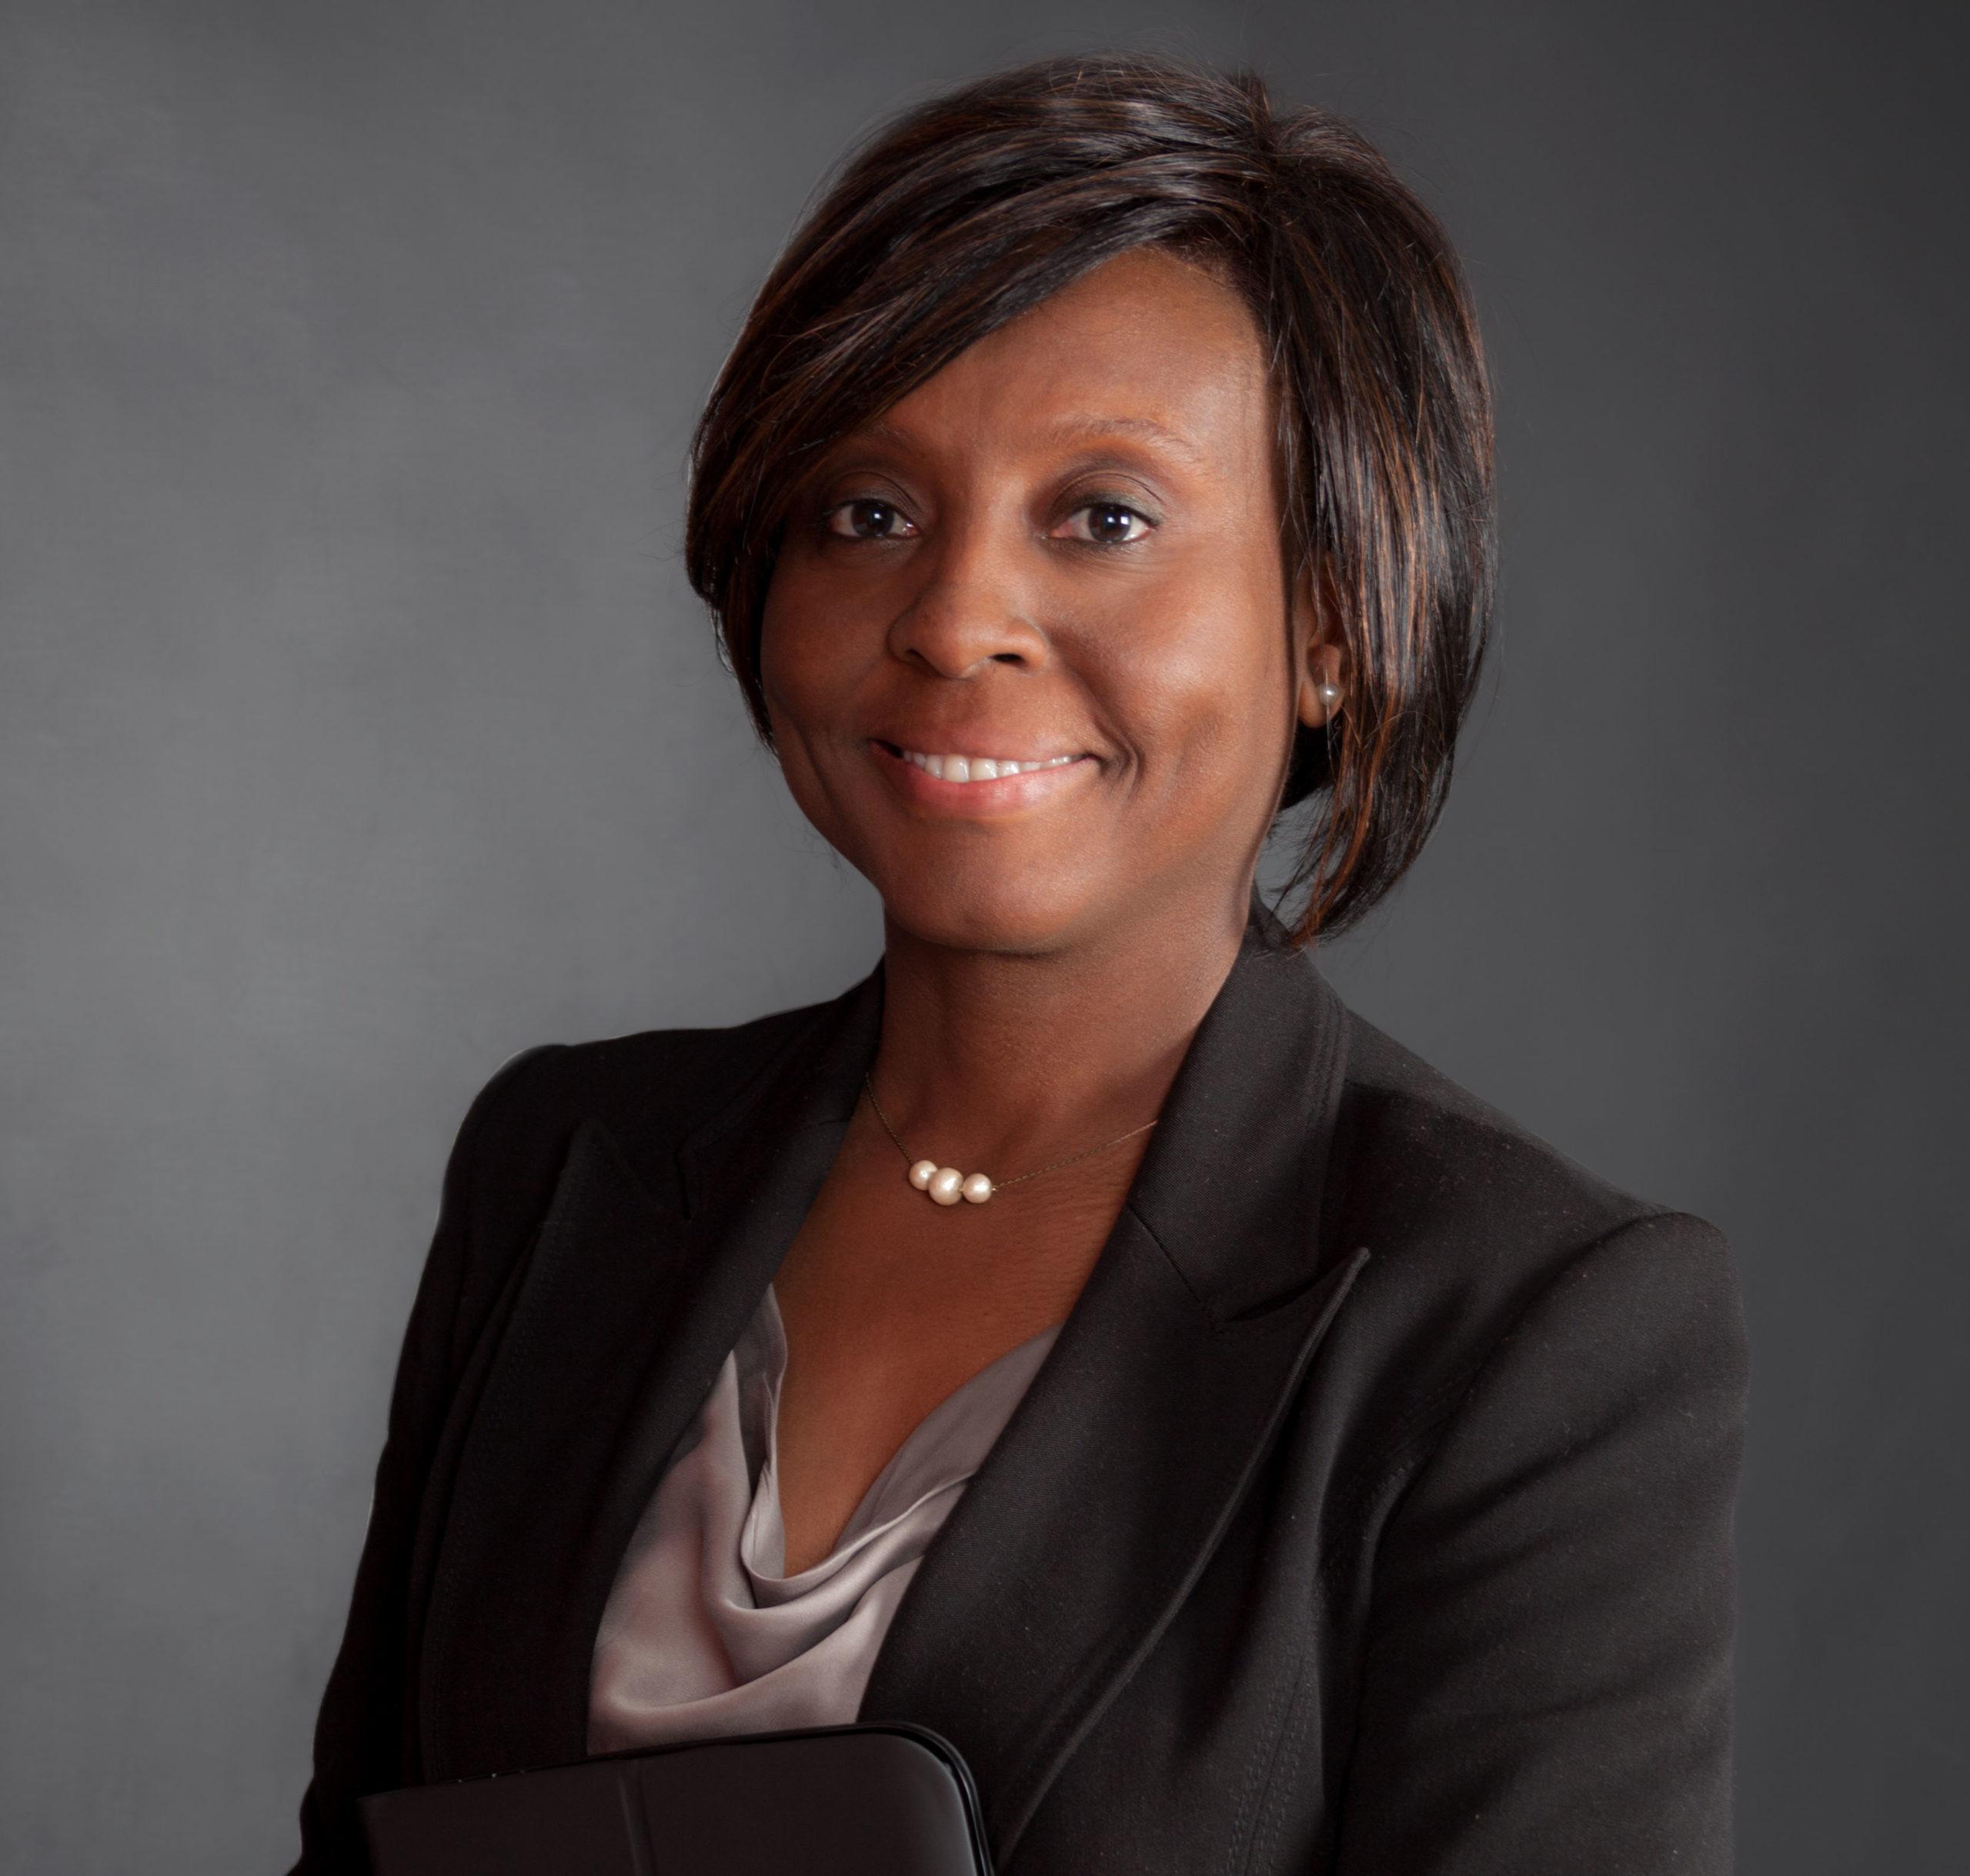 Lo más importante en el éxito es el camino: Susana Bokobo